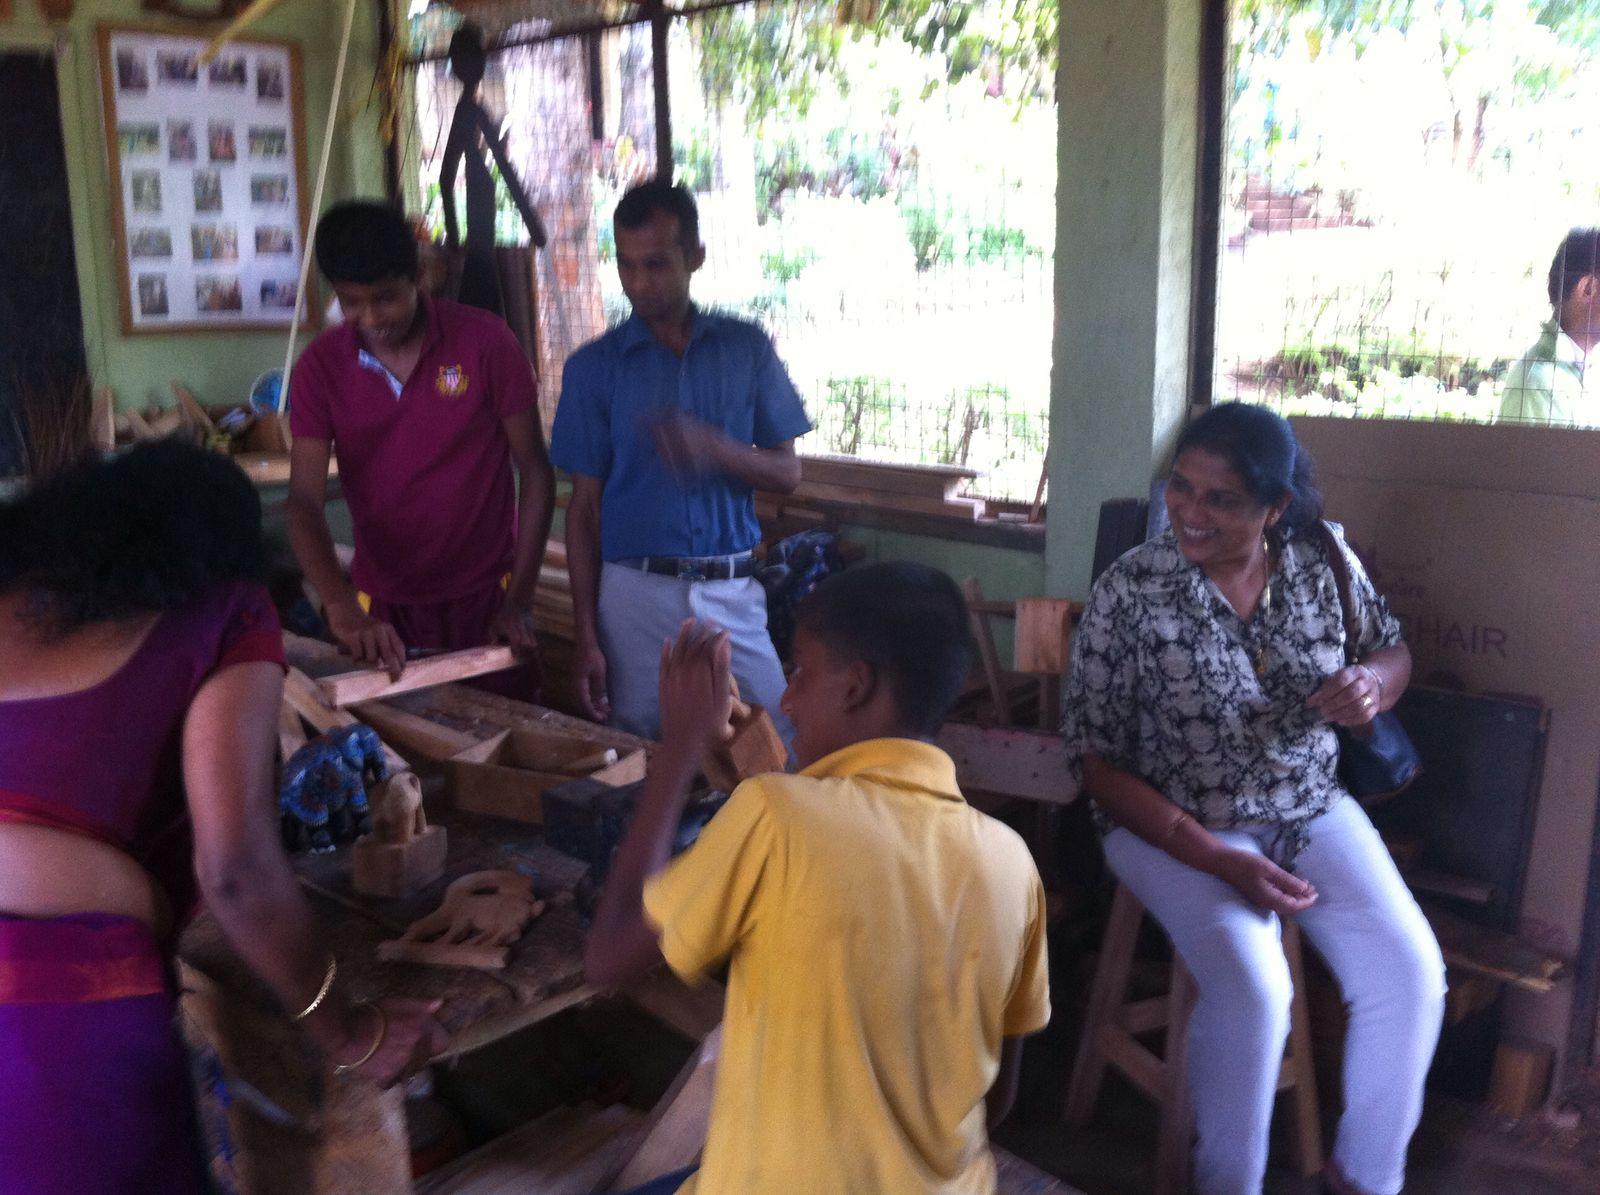 Carpentry workshop in children's home, Kandy